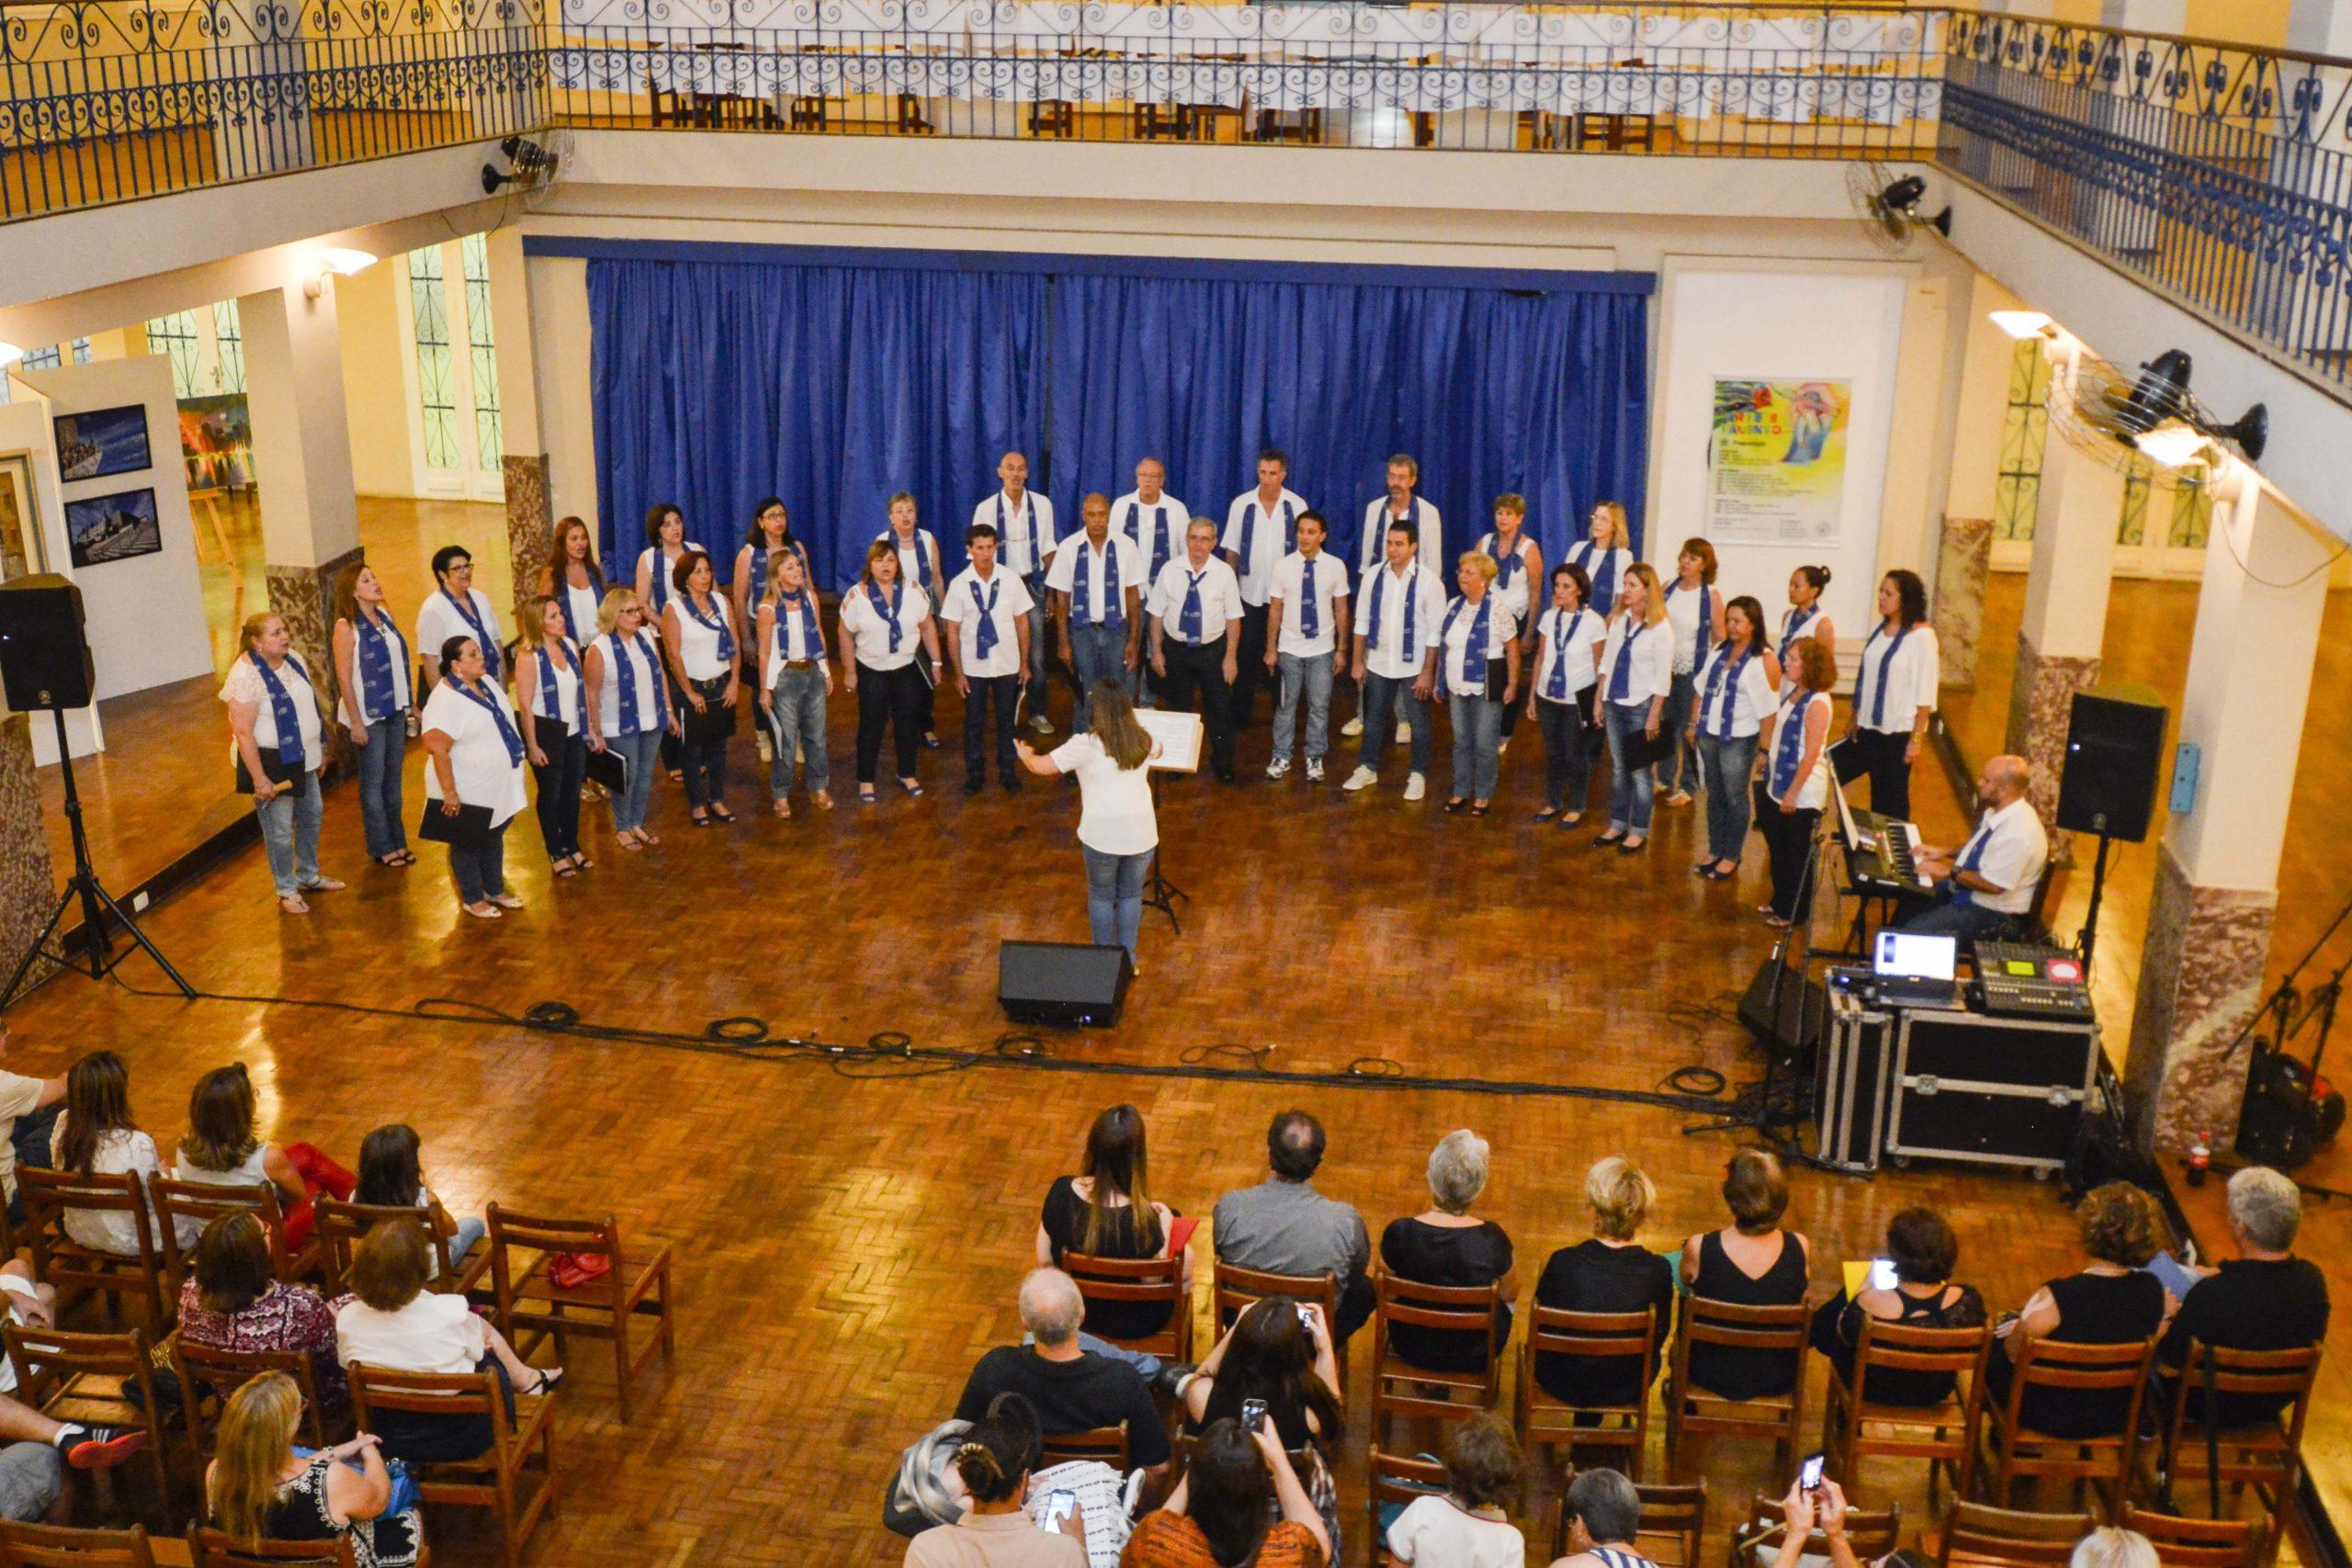 Apresentação na exposição Arte e Talento do Clube Jundiaiense (1º/04/2016) - Sede Central – Clube Jundiaiense.